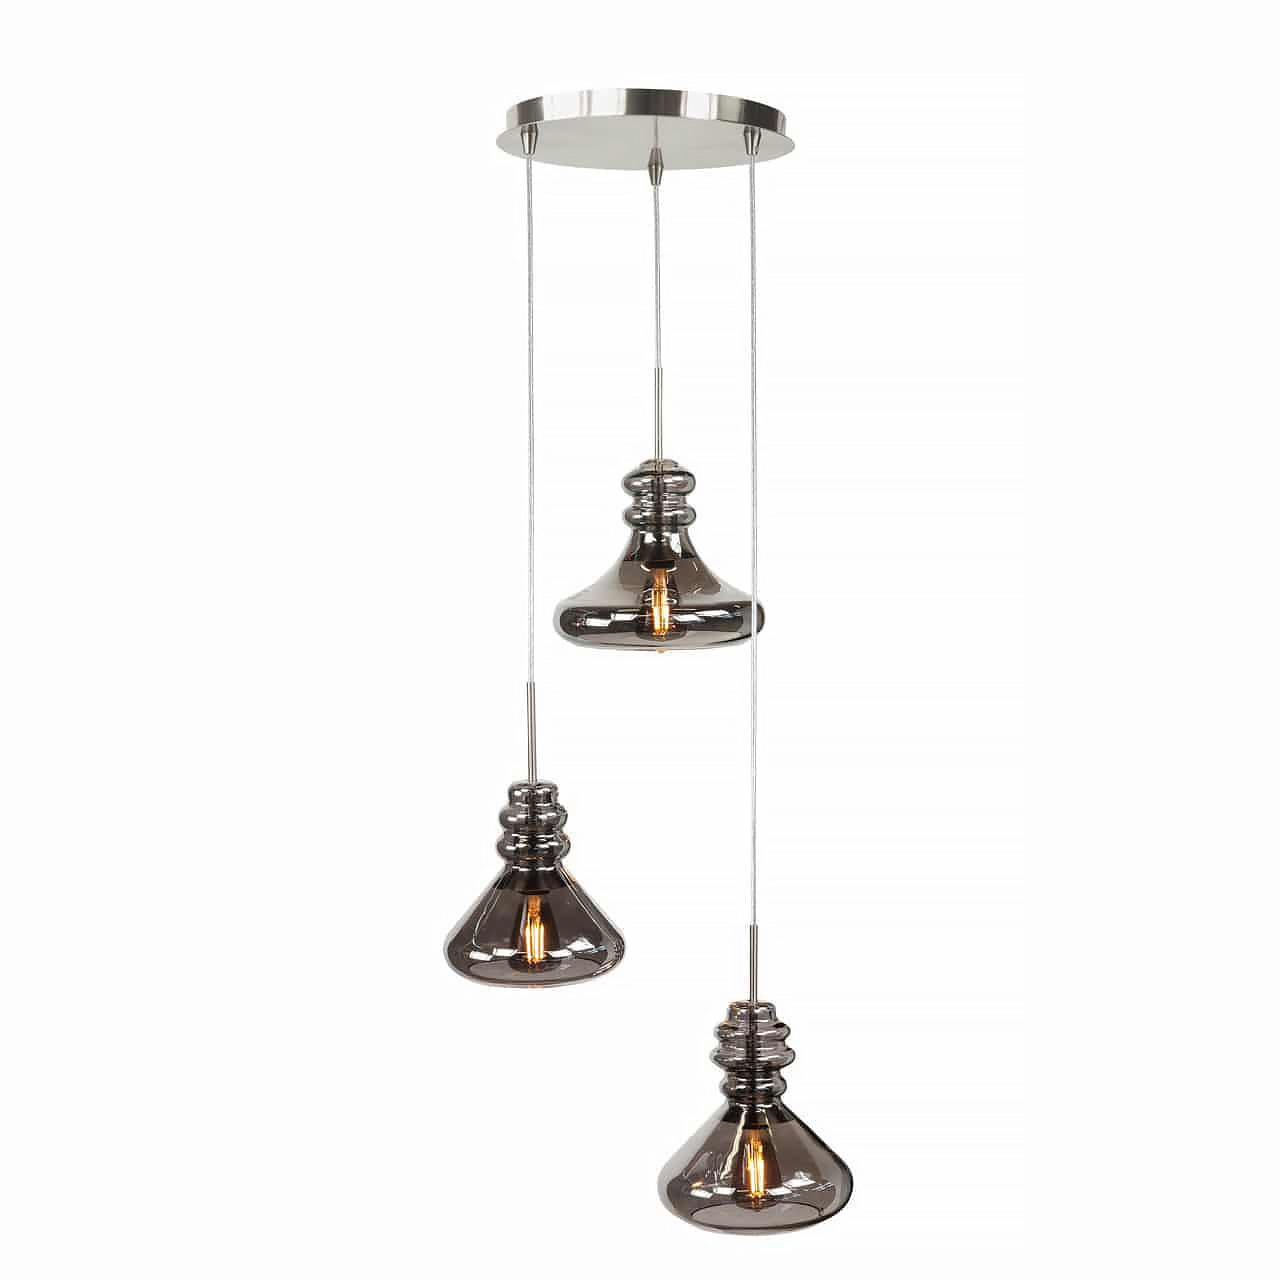 Highlight Hanglamp Astoria 3 lichts Ø 30 cm mat chroom